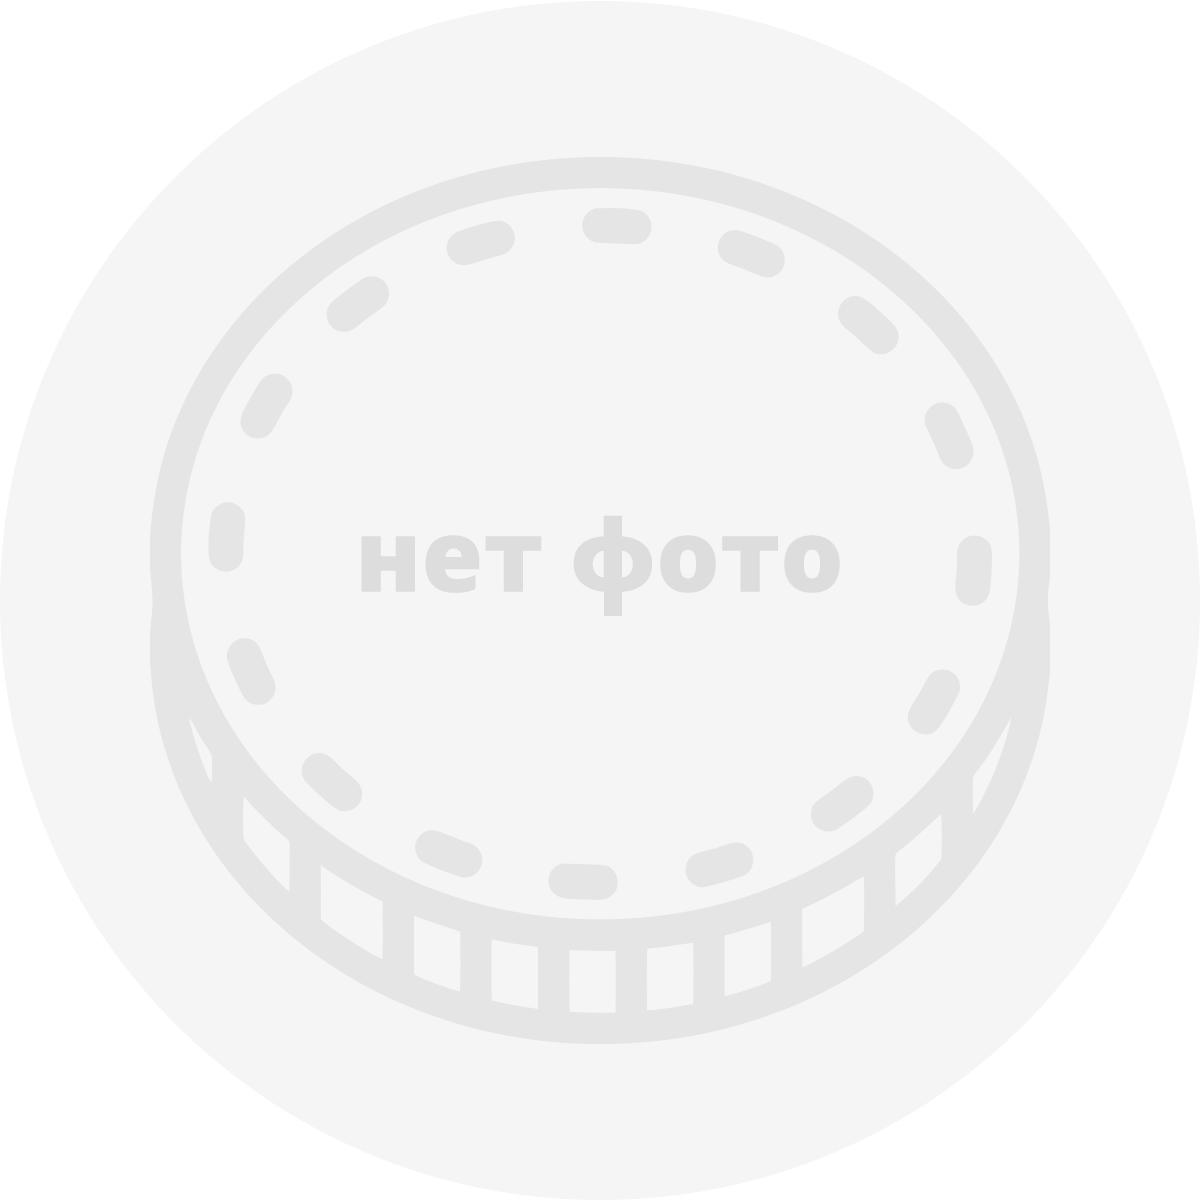 Хёхр., 75 пфеннигов